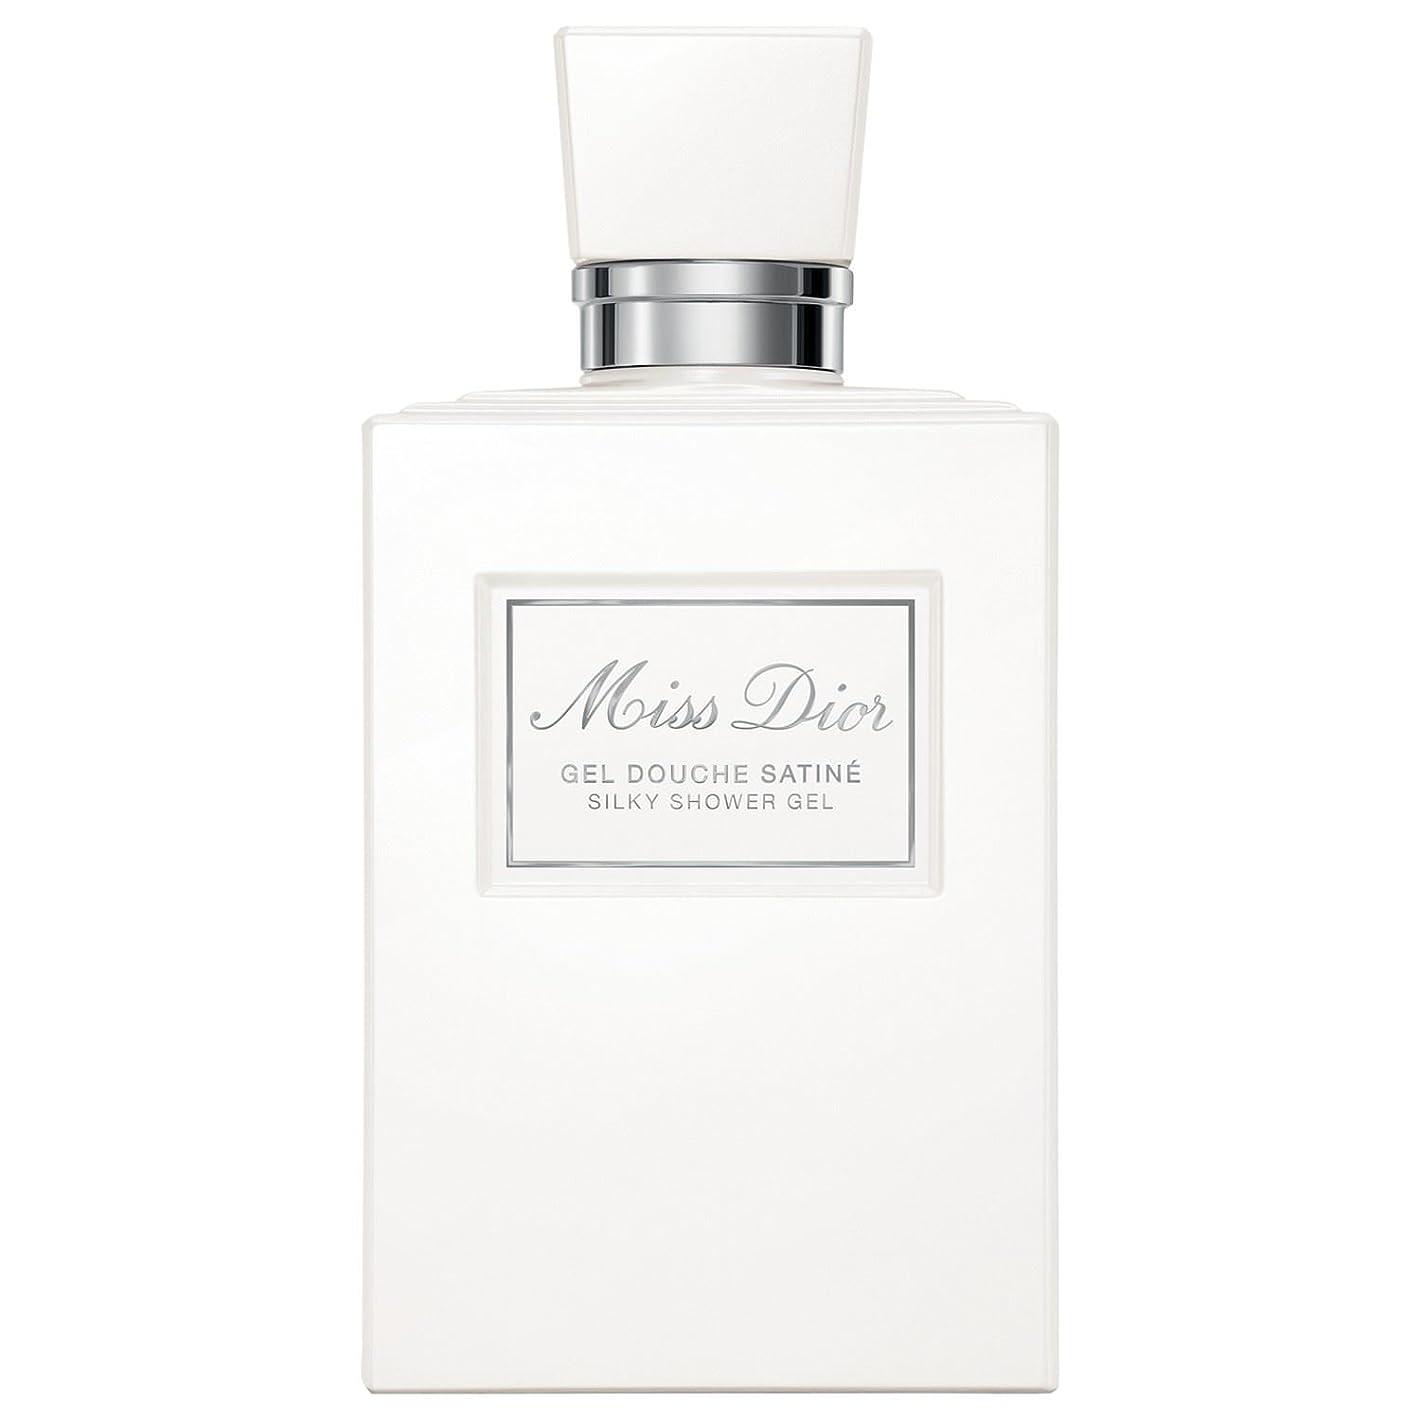 オンス貧しい容器[Dior ] ディオールミスディオールシャワージェル200Ml - Dior Miss Dior Shower Gel 200ml [並行輸入品]